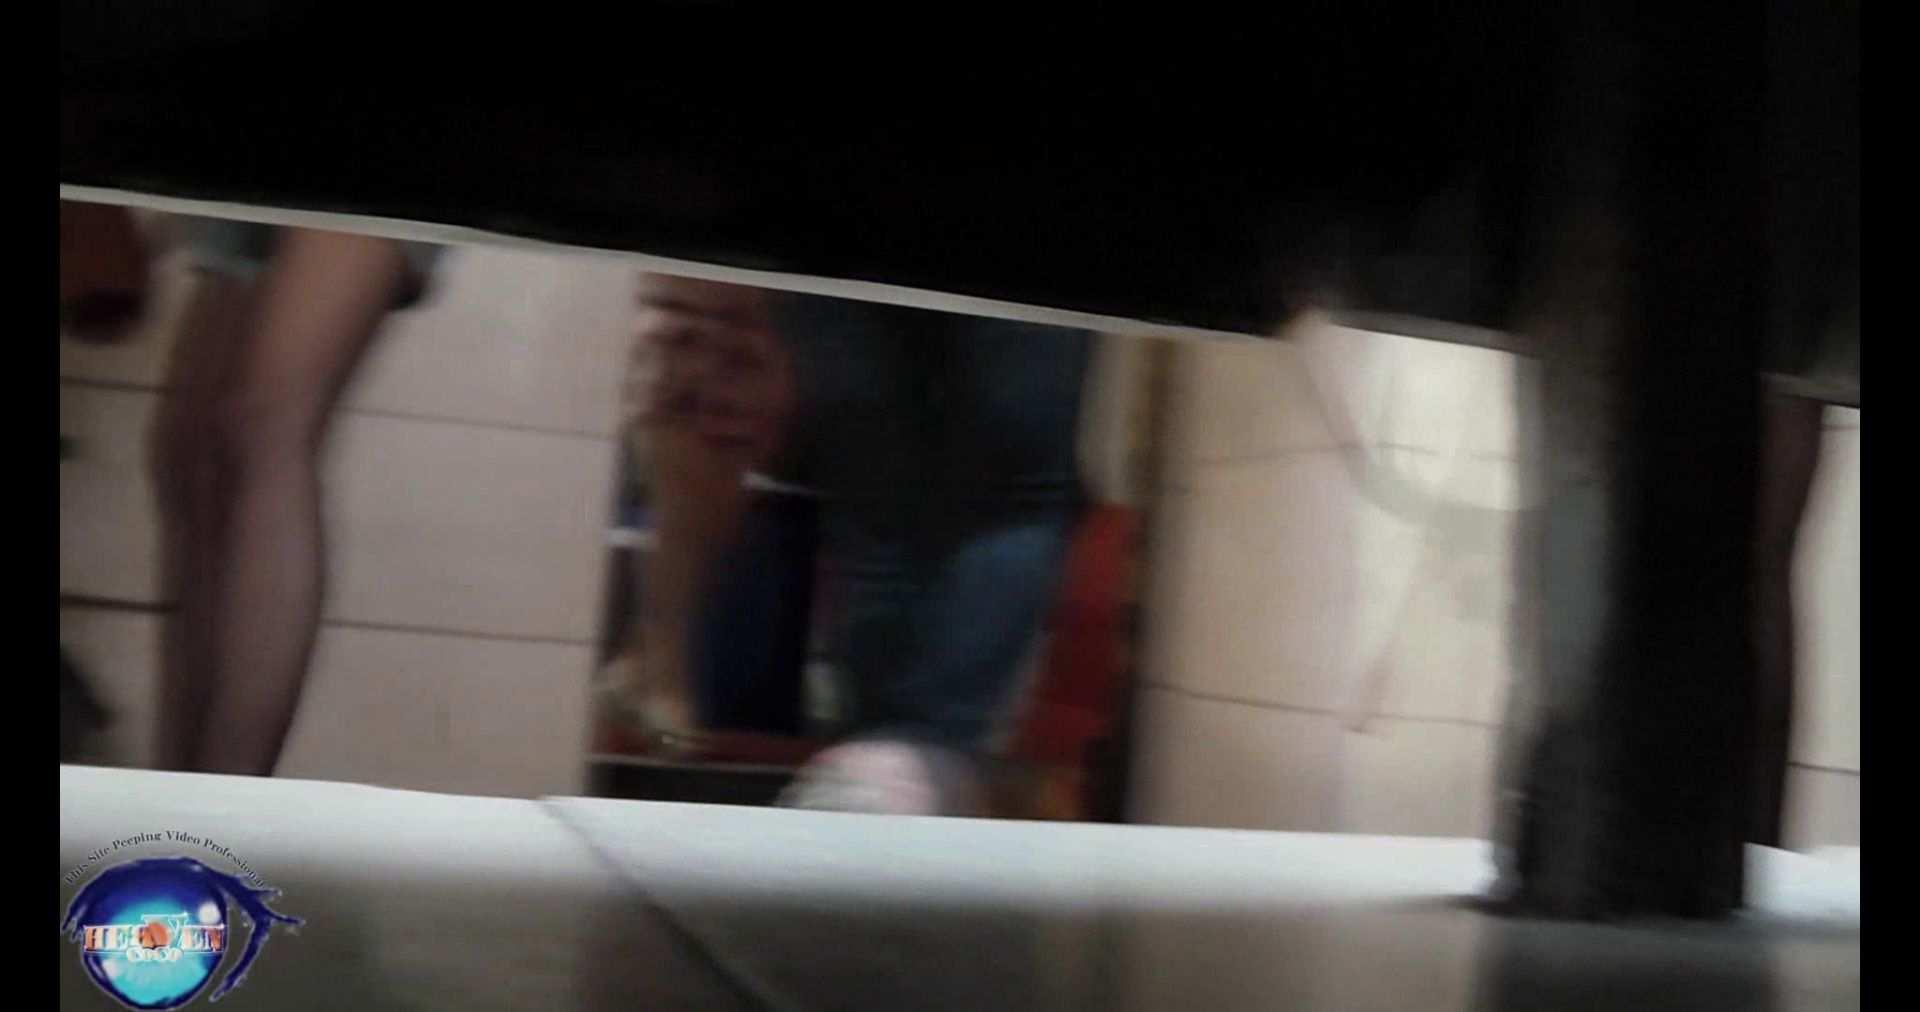 世界の射窓から~ステーション編~vol.34 無料動画のモデルつい本番登場Ⅱやっぱり違います 本番 | OL女体  104連発 77